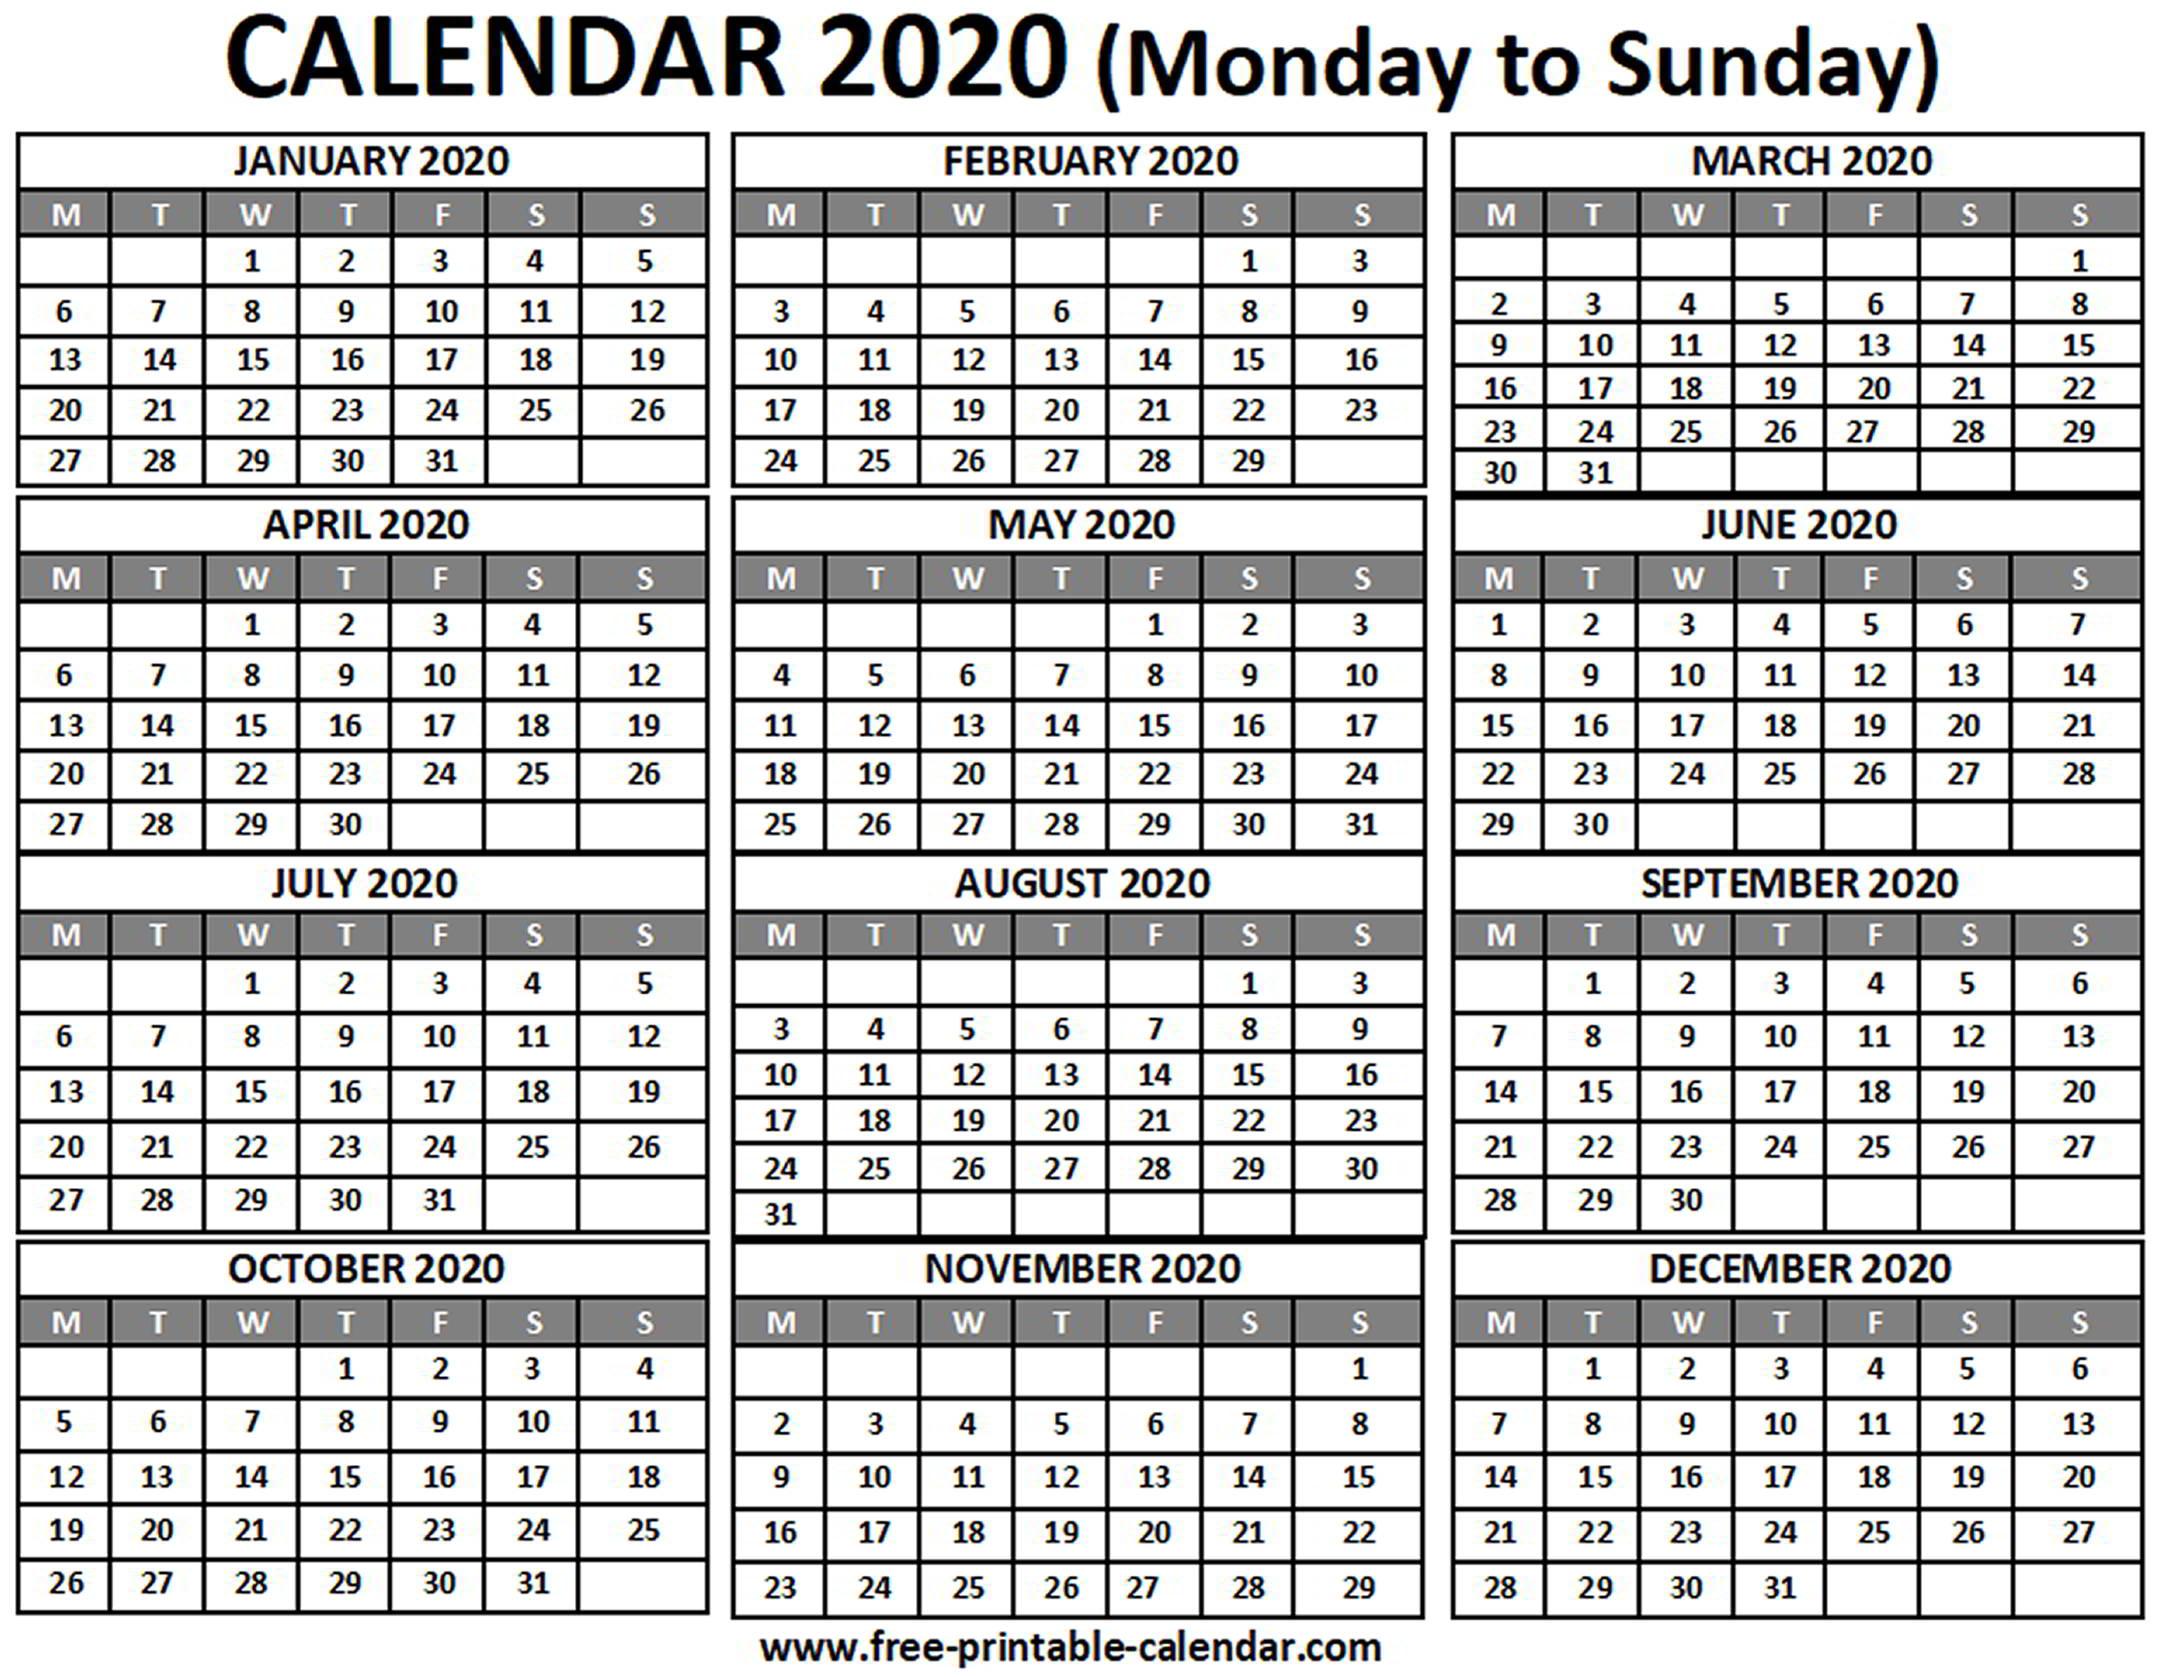 2020 Calendar - Free-Printable-Calendar within Printable 2020 Calendar Monday To Friday